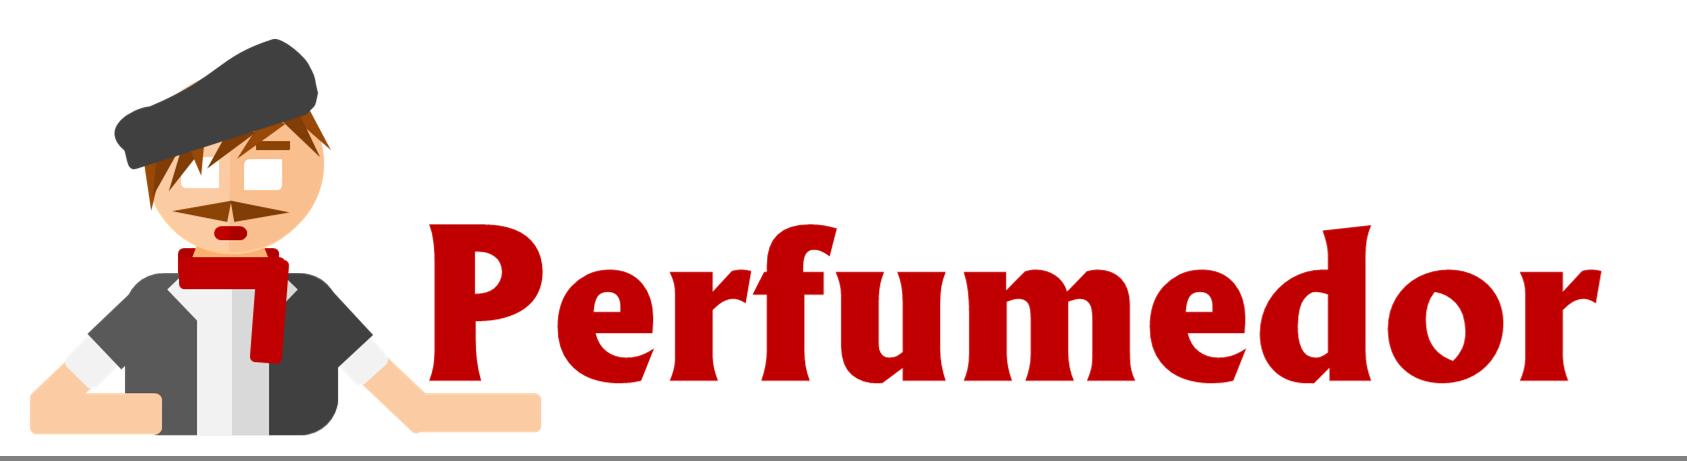 Логотип для интернет-магазина парфюмерии фото f_9005b44a5946e747.png